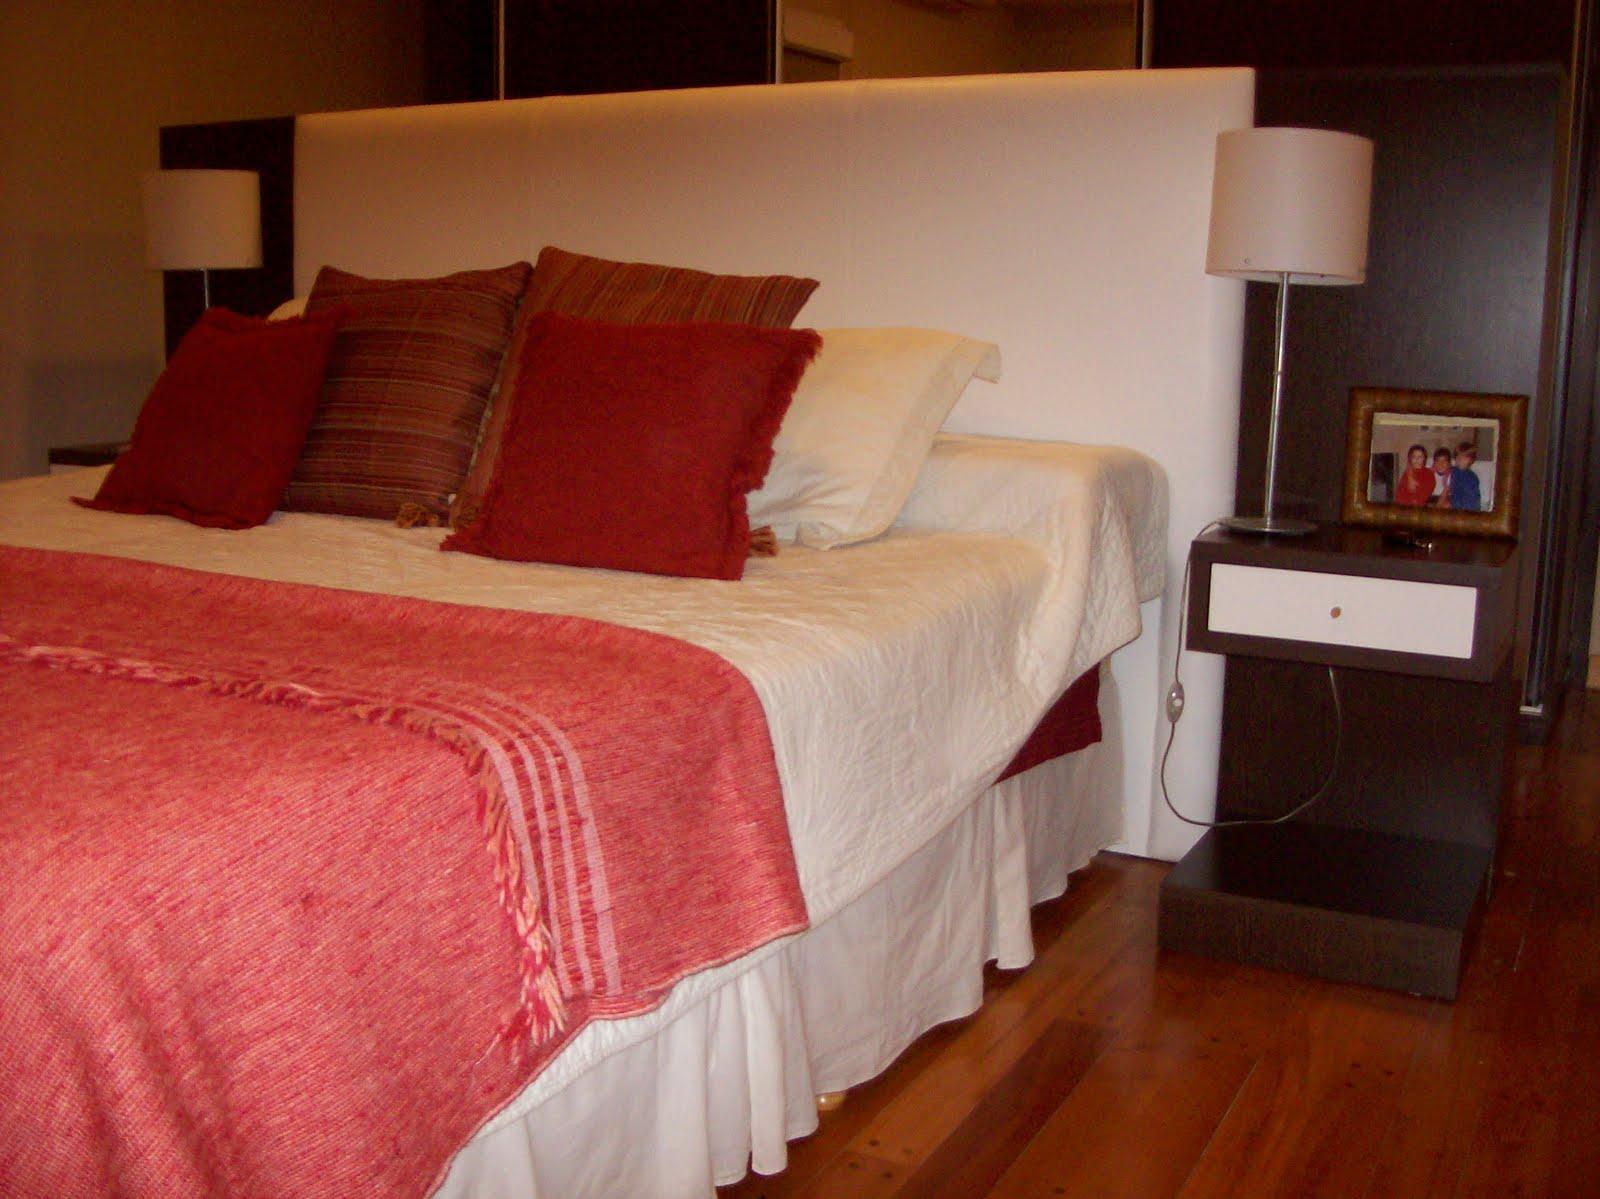 Perren amoblamientos dormitorios for Amoblamientos para dormitorios